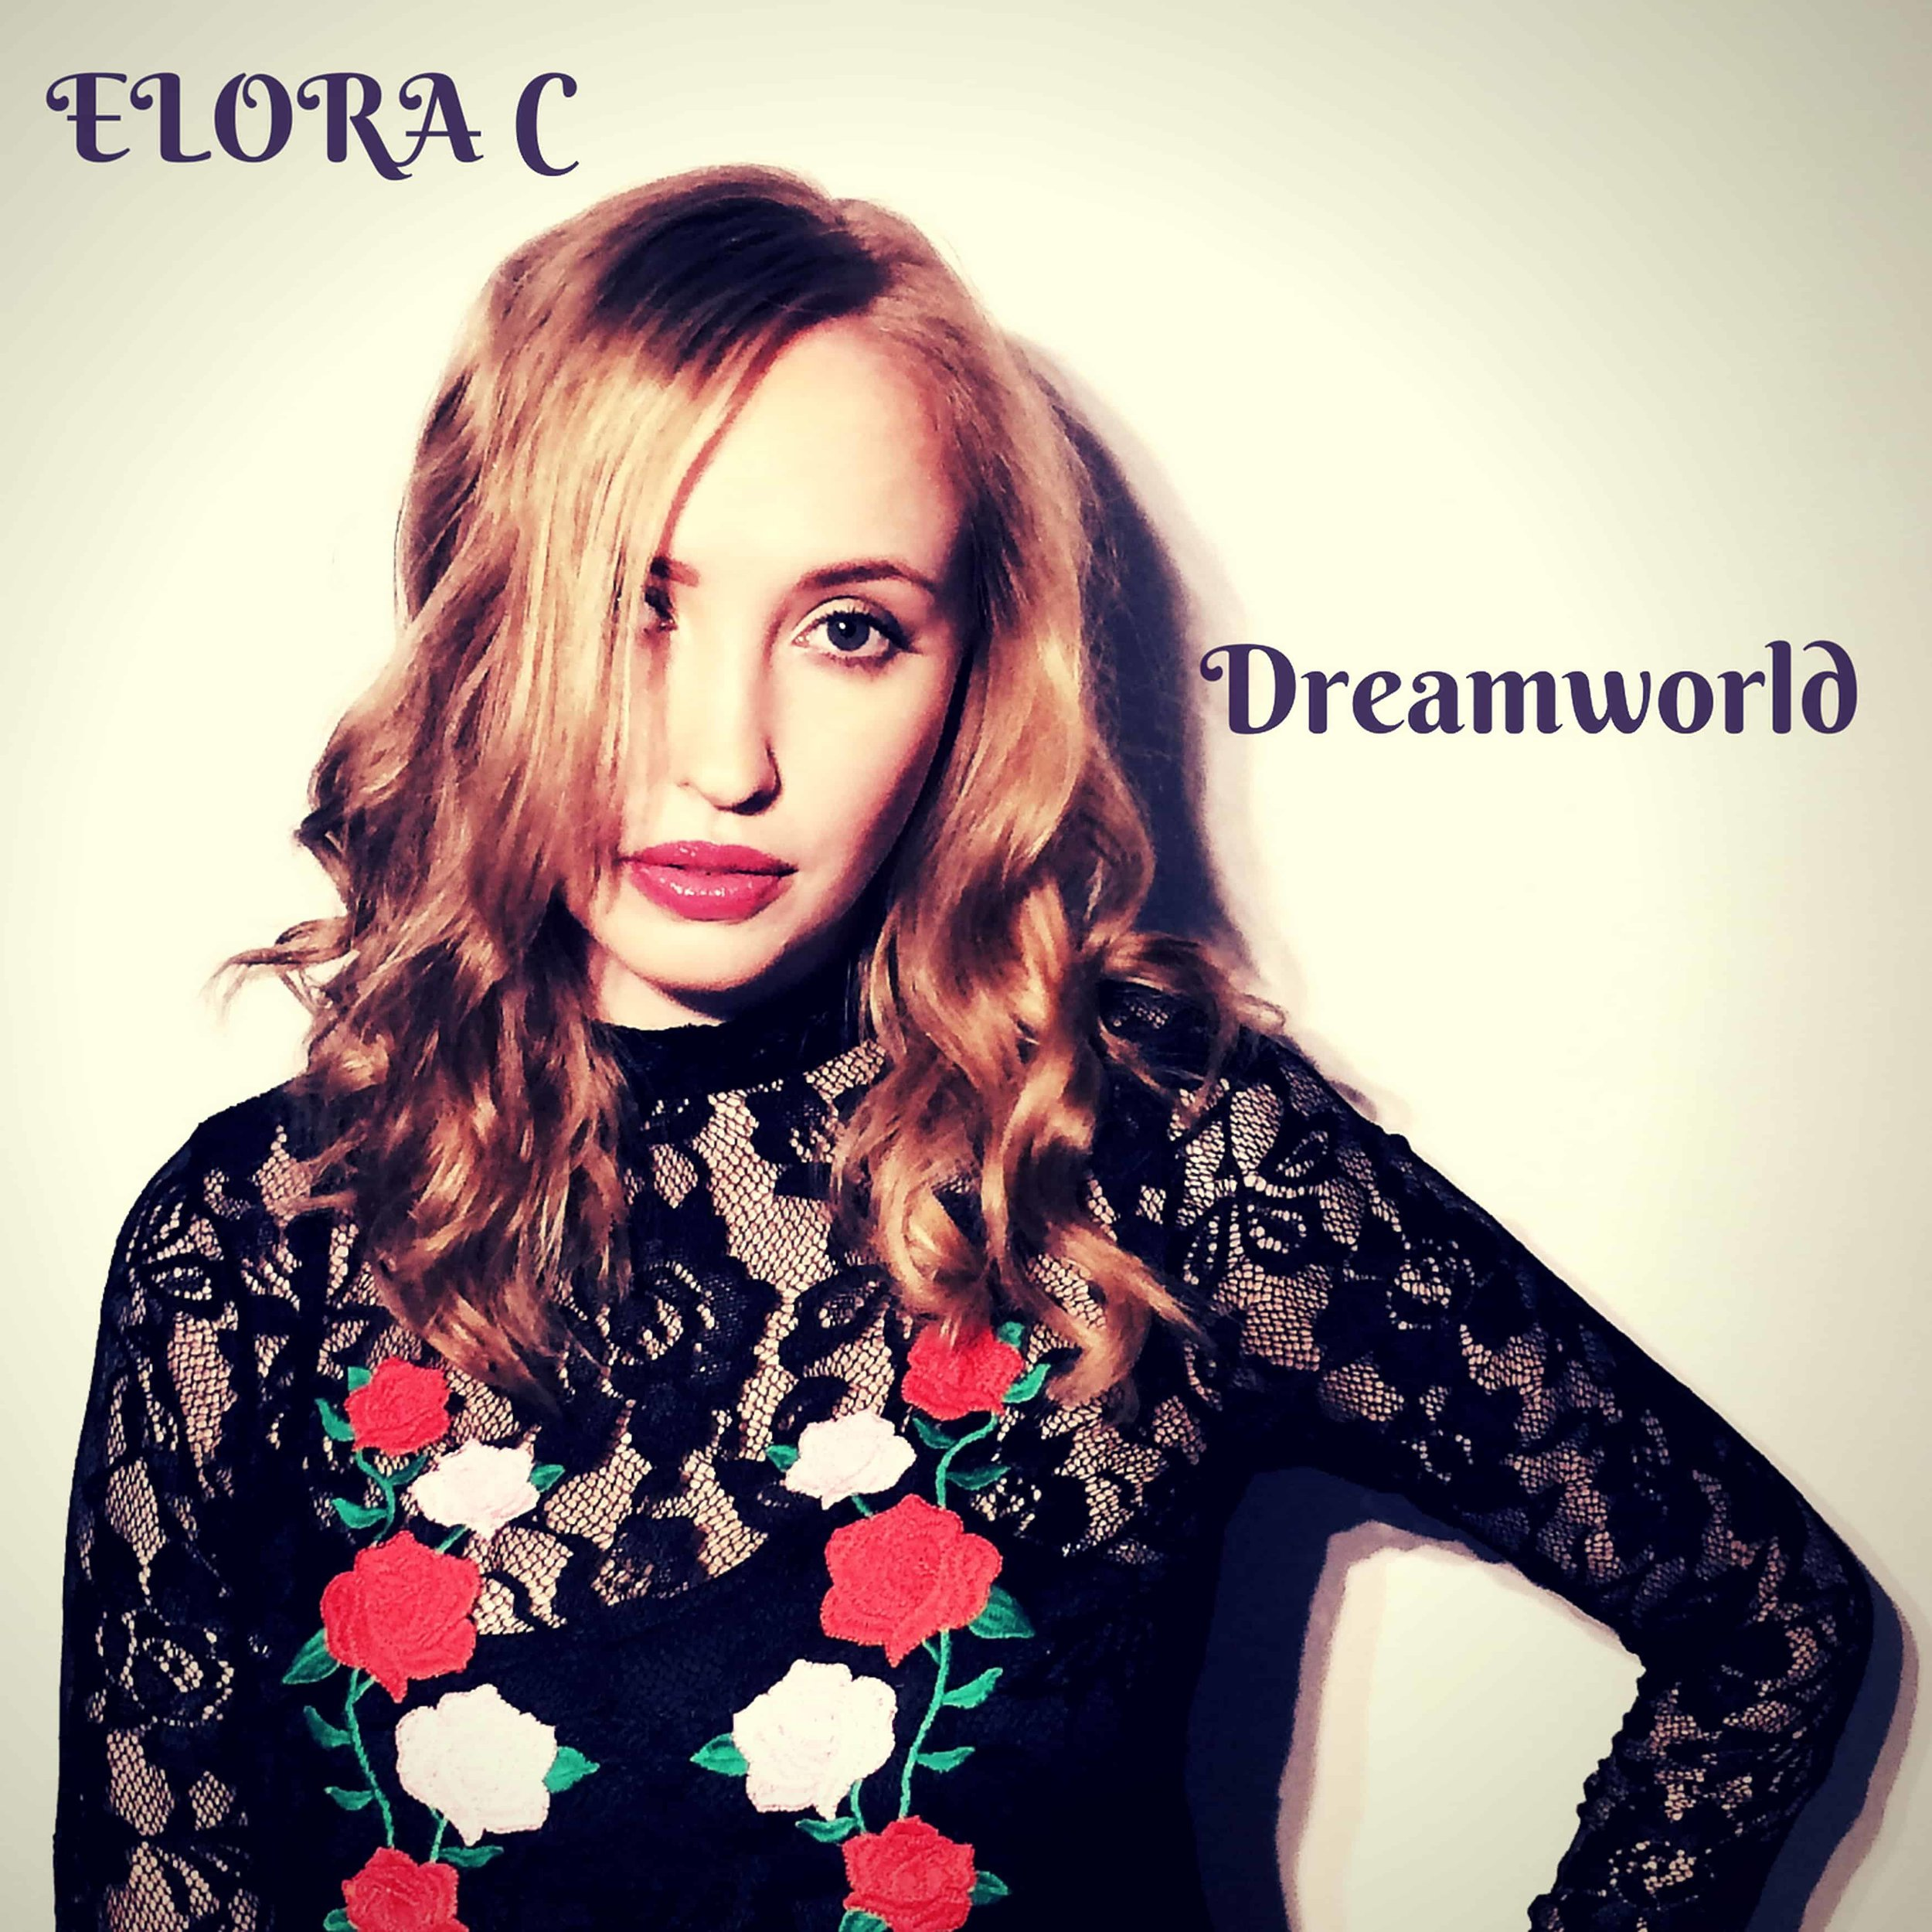 Elora C - Dreamworld.jpg